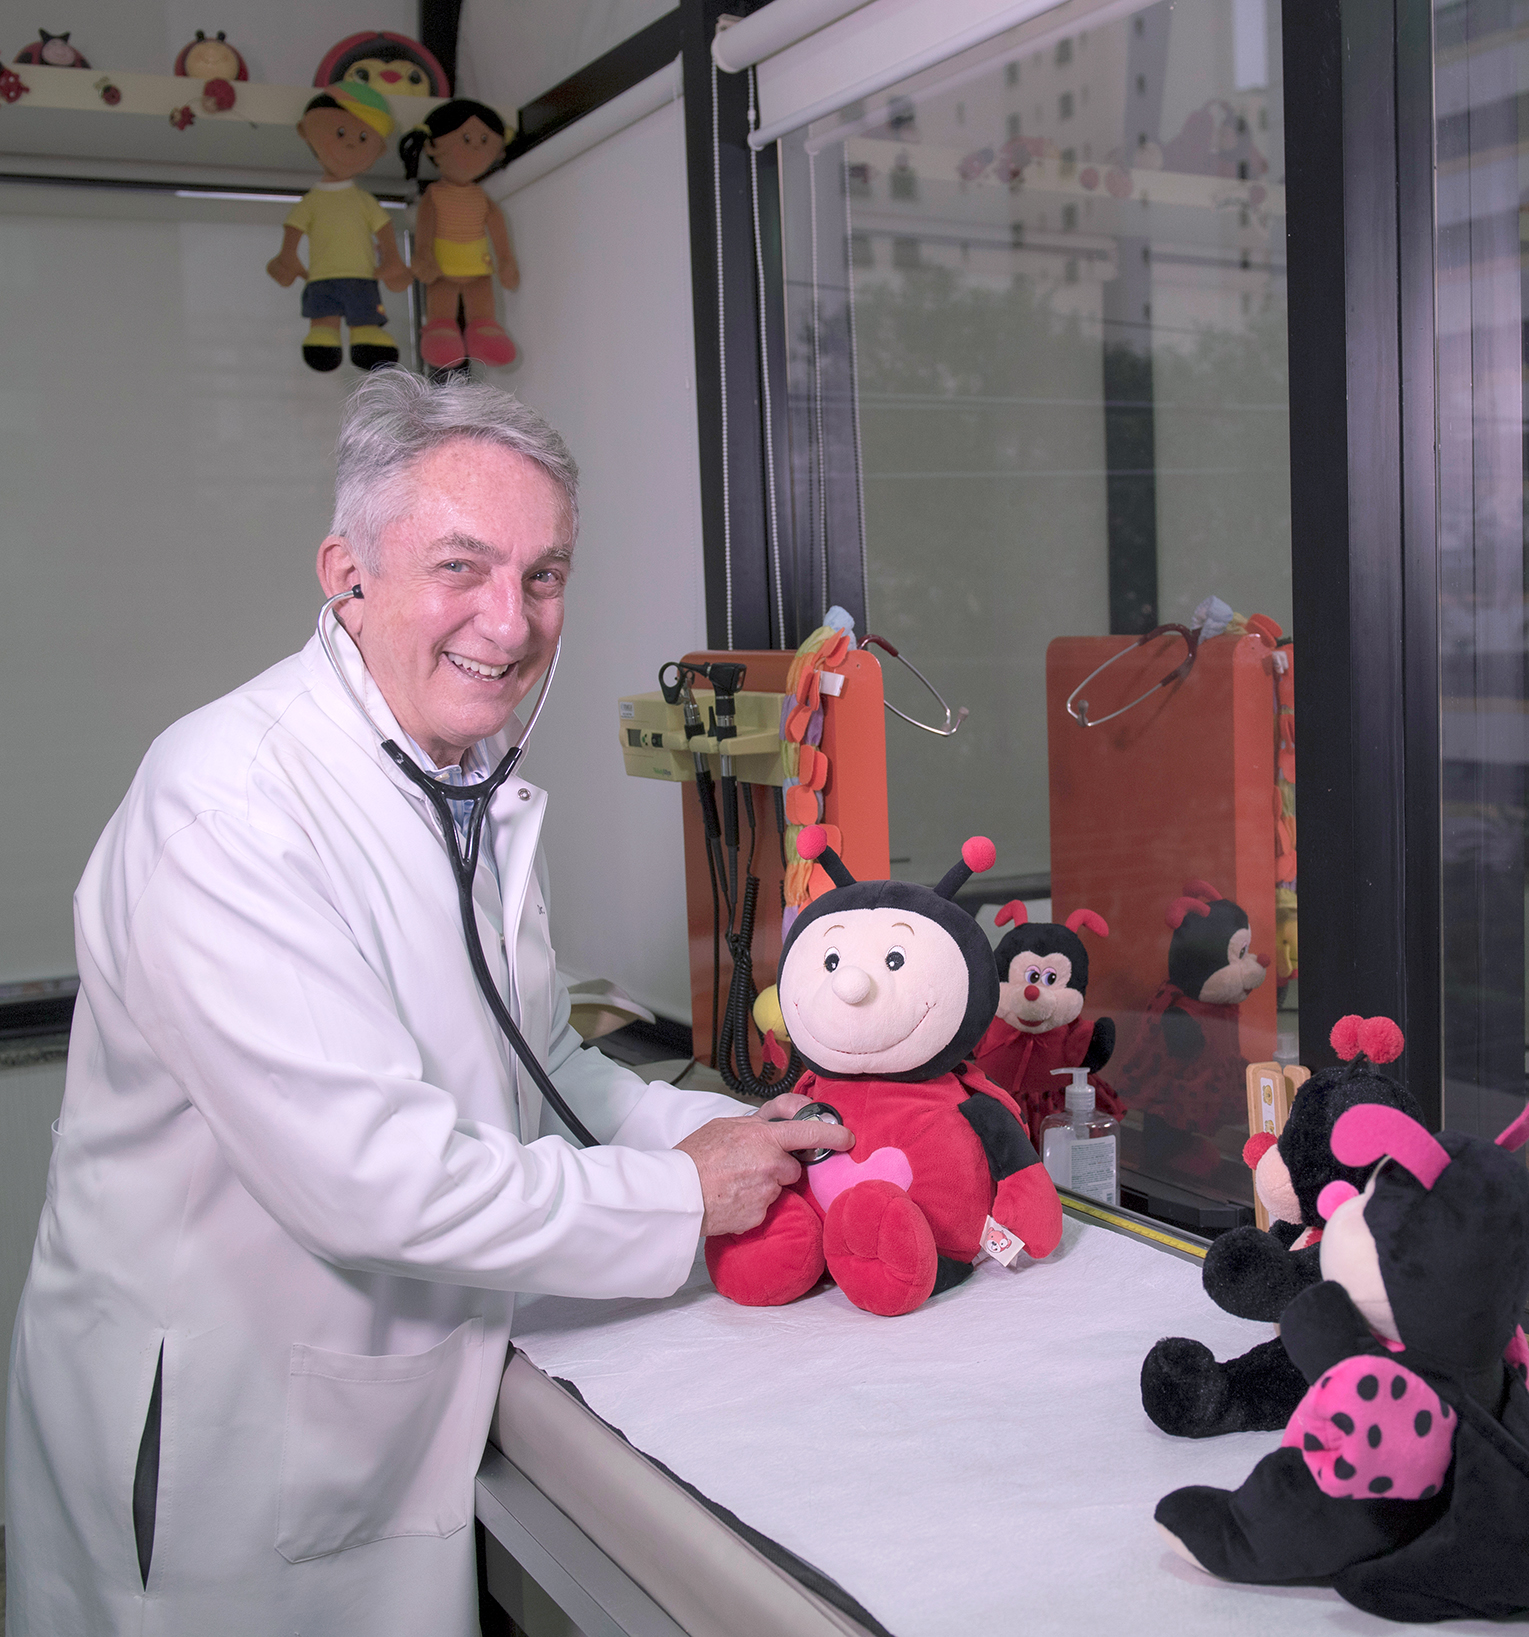 """O pediatra .Jorge Huberman em seu consultório em Moema: """"Avós são amor que nunca envelhece e sabedoria que nunca acaba"""